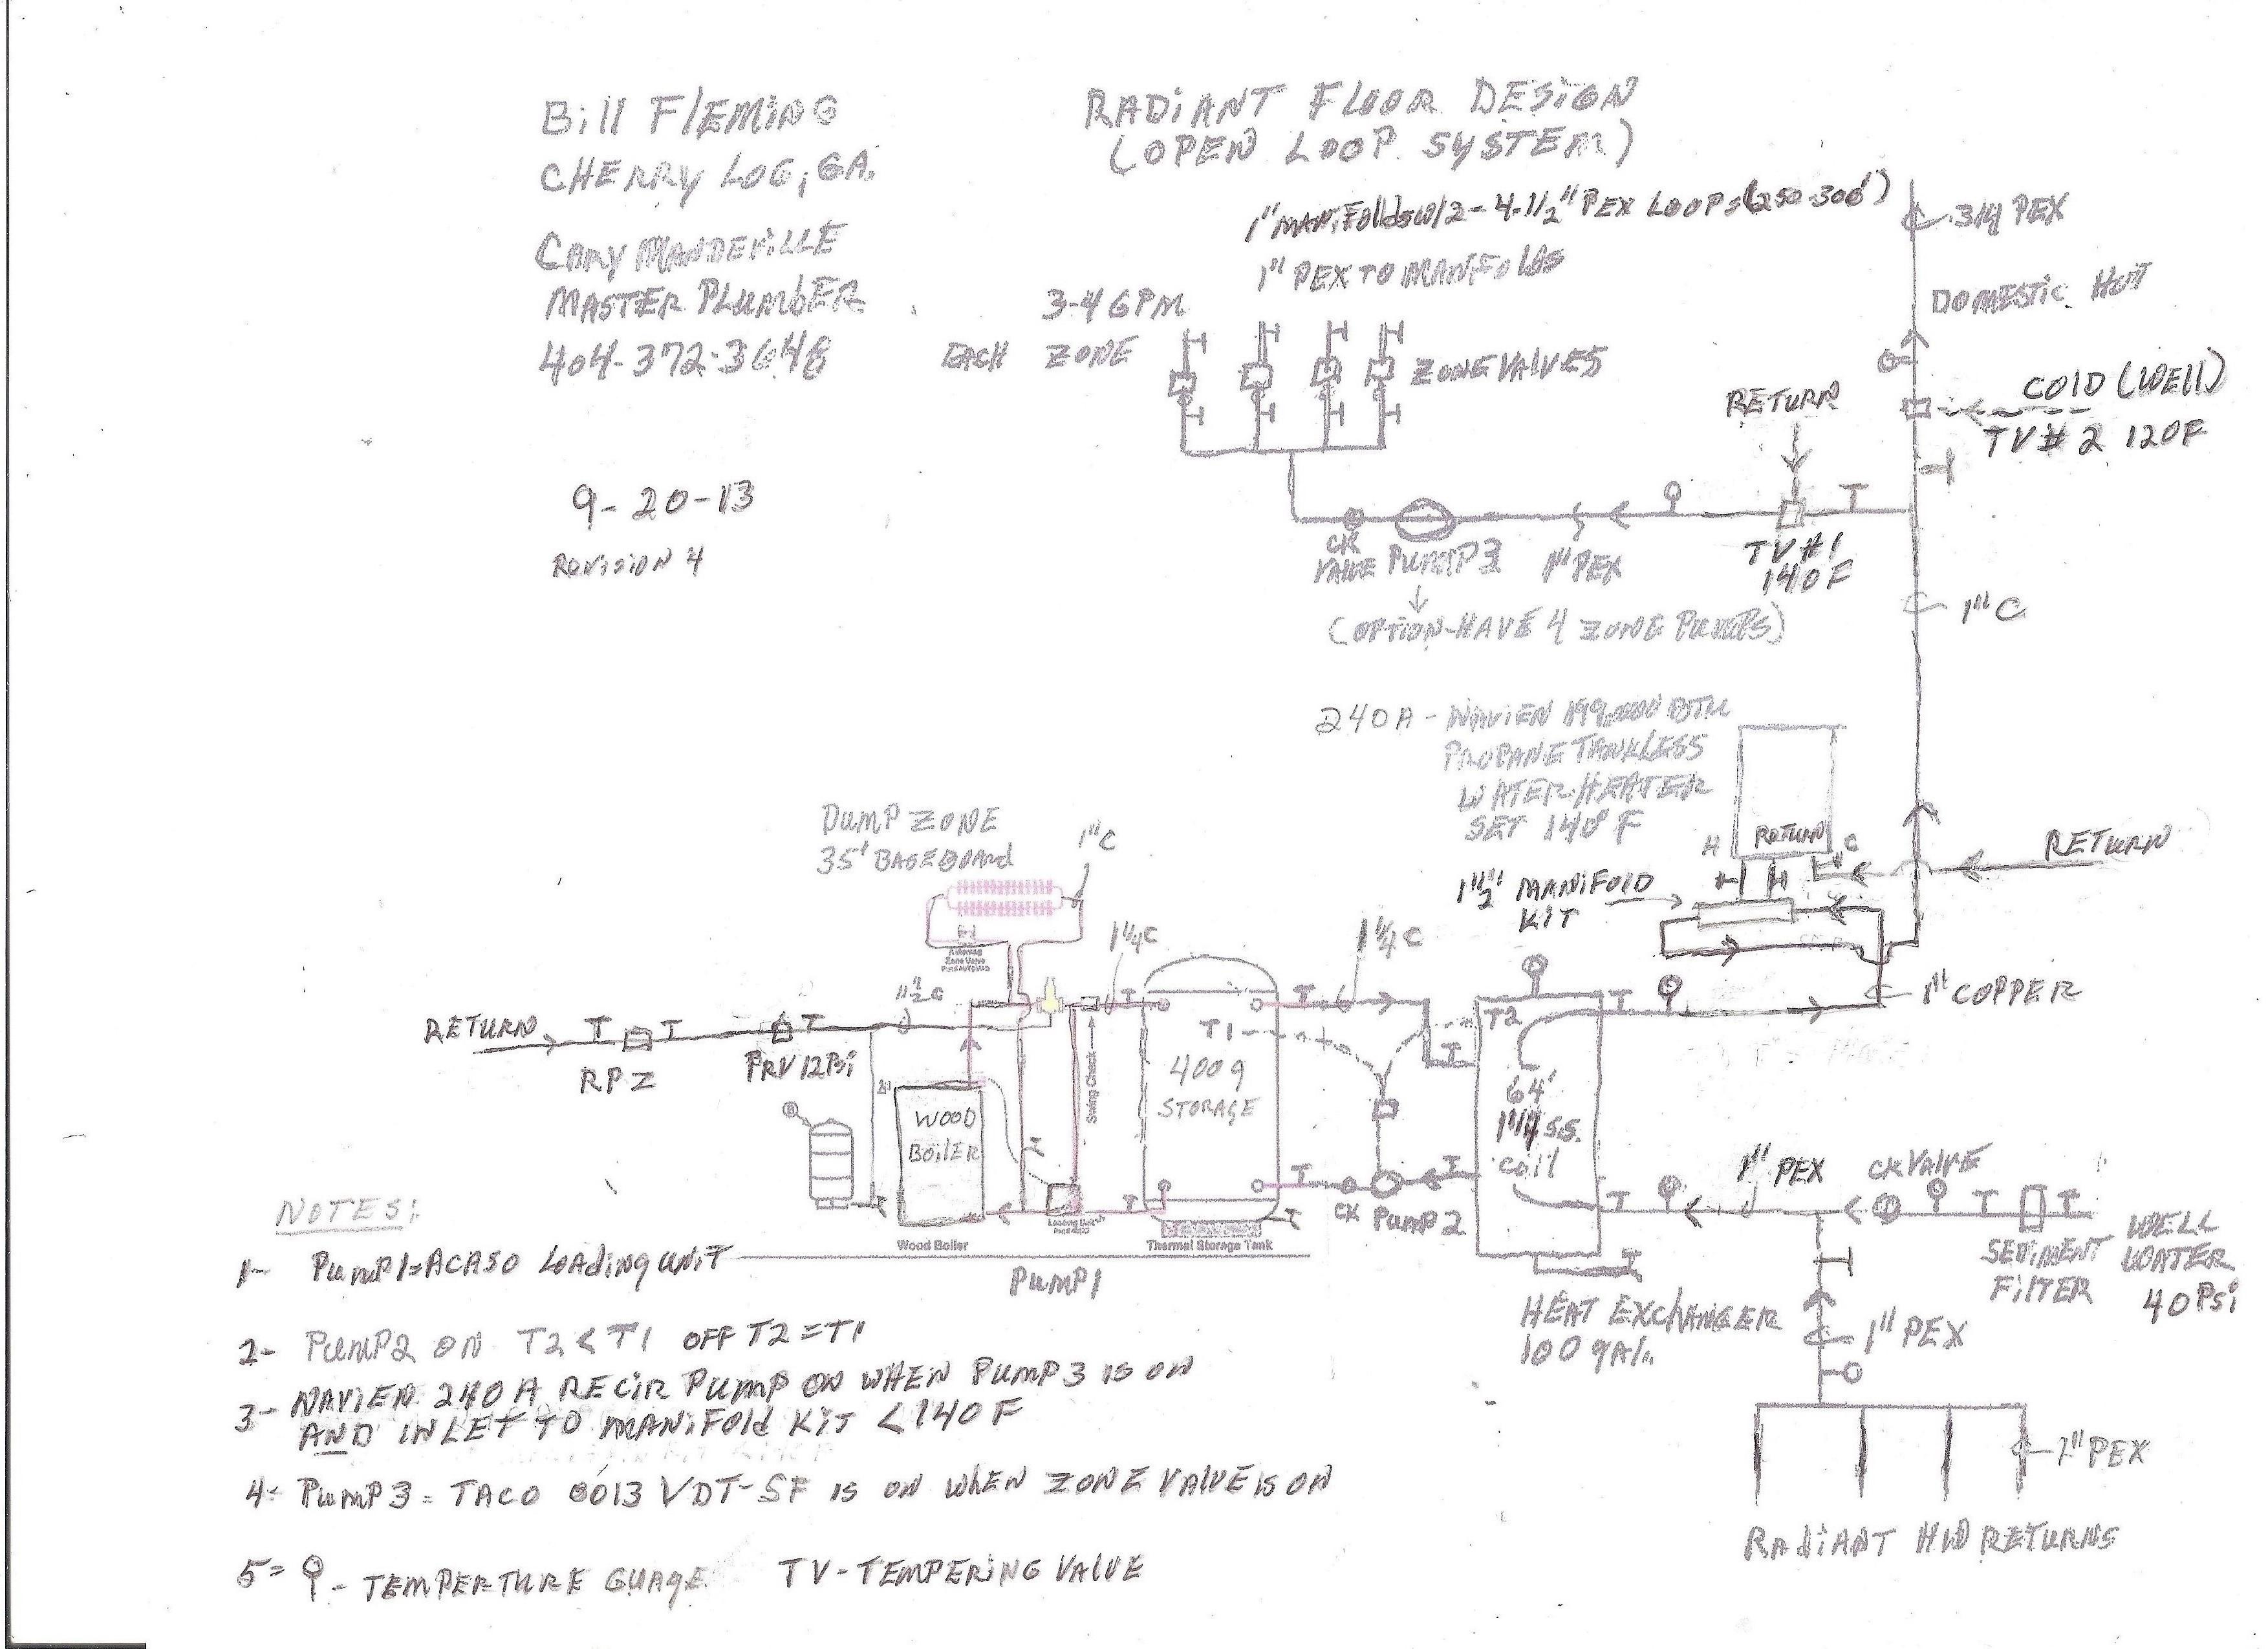 Help with using Navien in a primary/secondary loop — Heating Help Navien Wiring Diagram Single Zone on amana wiring diagrams, rinnai wiring diagrams, lg wiring diagrams, luxaire wiring diagrams, aprilaire wiring diagrams, fantech wiring diagrams, nutone wiring diagrams, samsung wiring diagrams, ruud wiring diagrams, bryant wiring diagrams, reliance wiring diagrams, empire wiring diagrams, ge wiring diagrams, mitsubishi wiring diagrams, eemax wiring diagrams, panasonic wiring diagrams, modine wiring diagrams, lennox wiring diagrams, imperial wiring diagrams, coleman wiring diagrams,